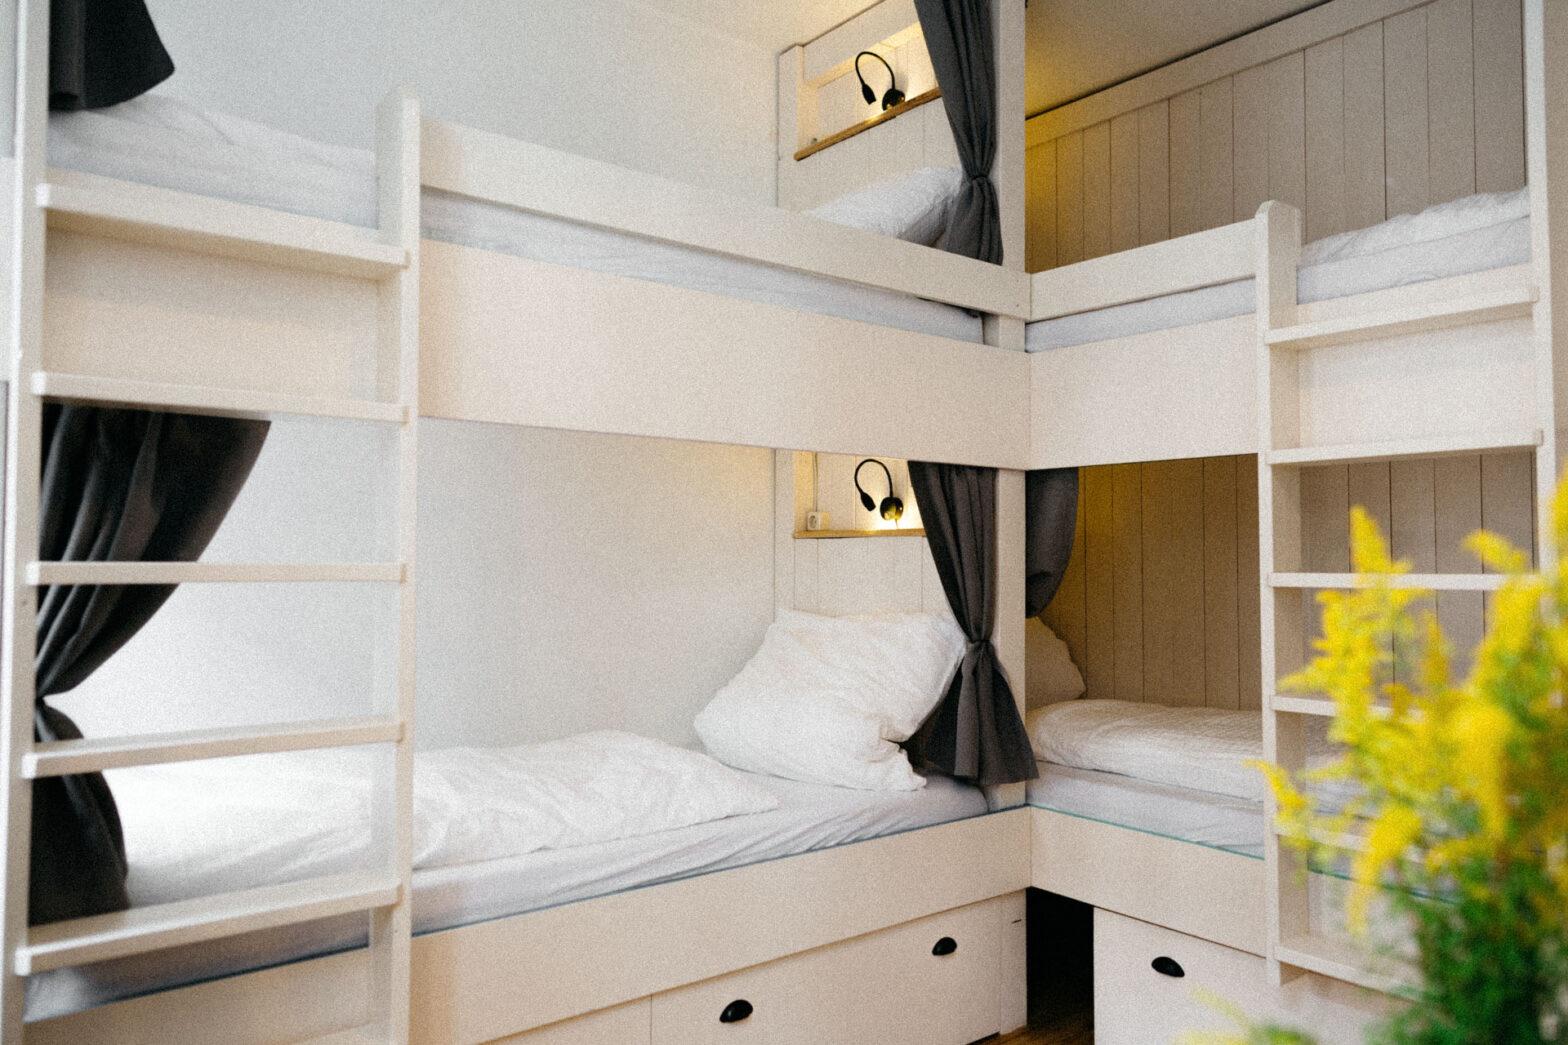 Zwei schöne weiße Hochbetten um die Ecke des Raumes mit schwarzen Vorhängen an den Etagen der Betten und einer schönen pflanze im Vordergrund